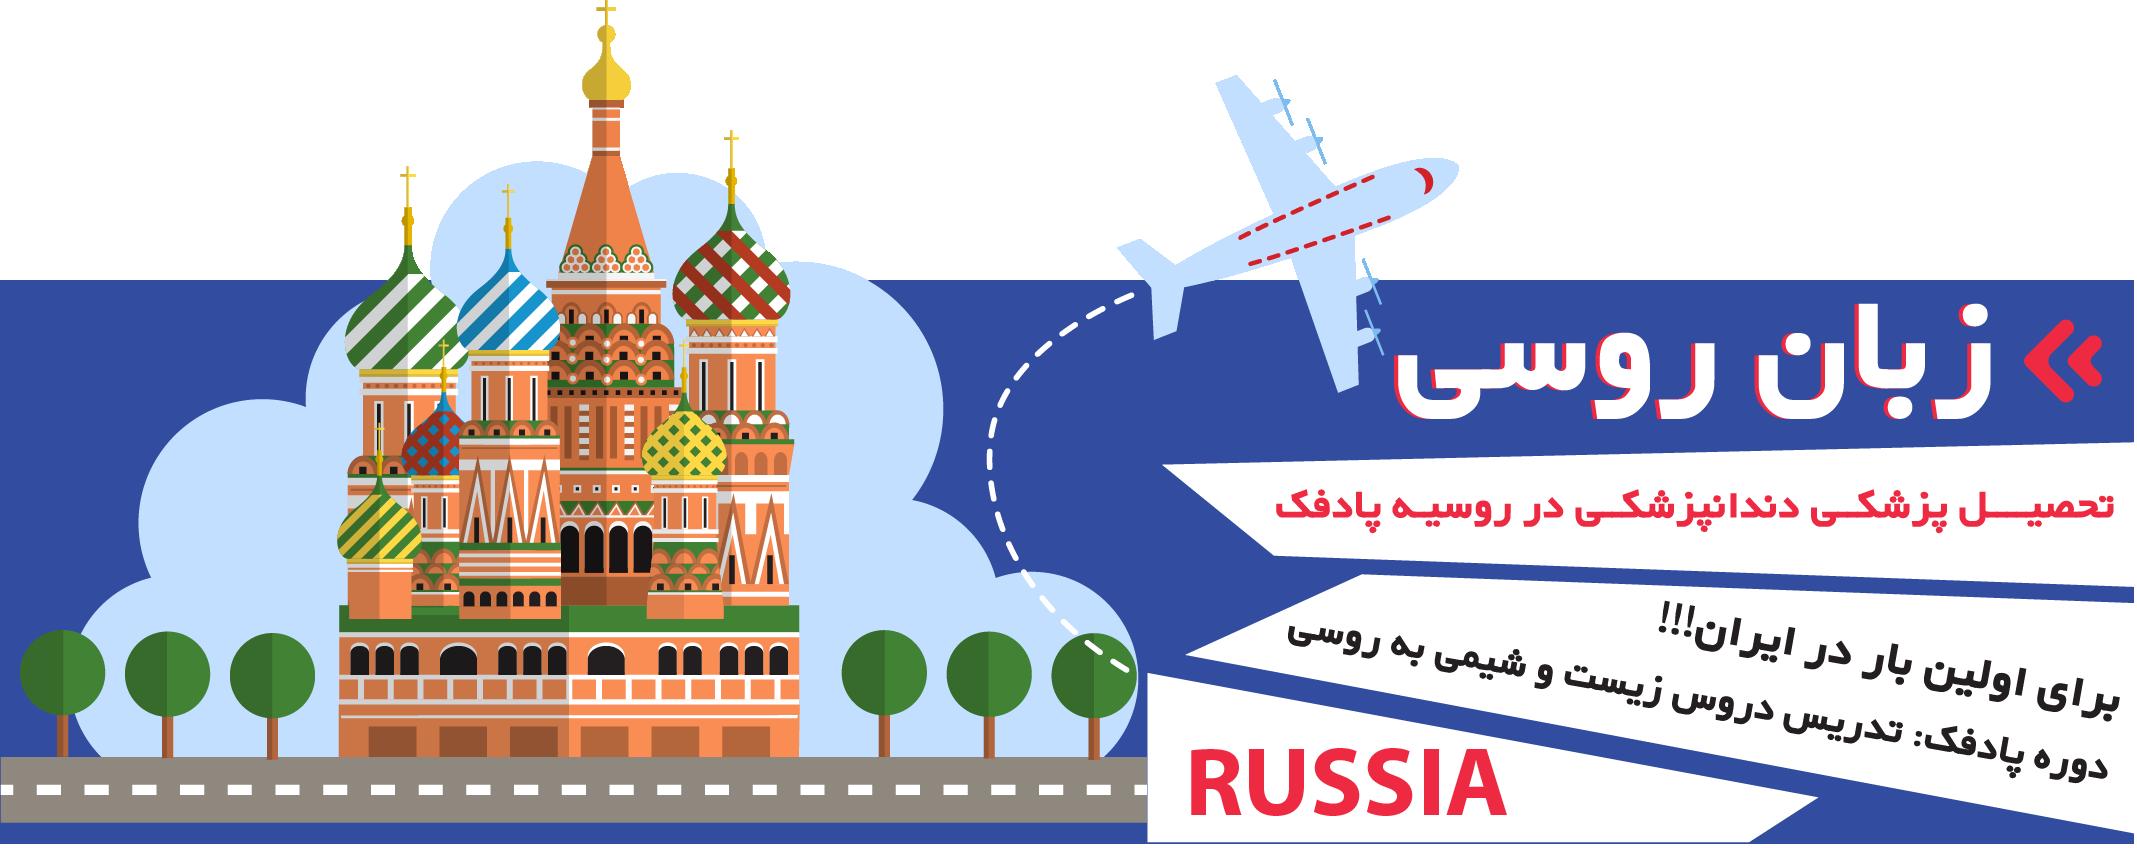 تدریس زبان روسی در تهران